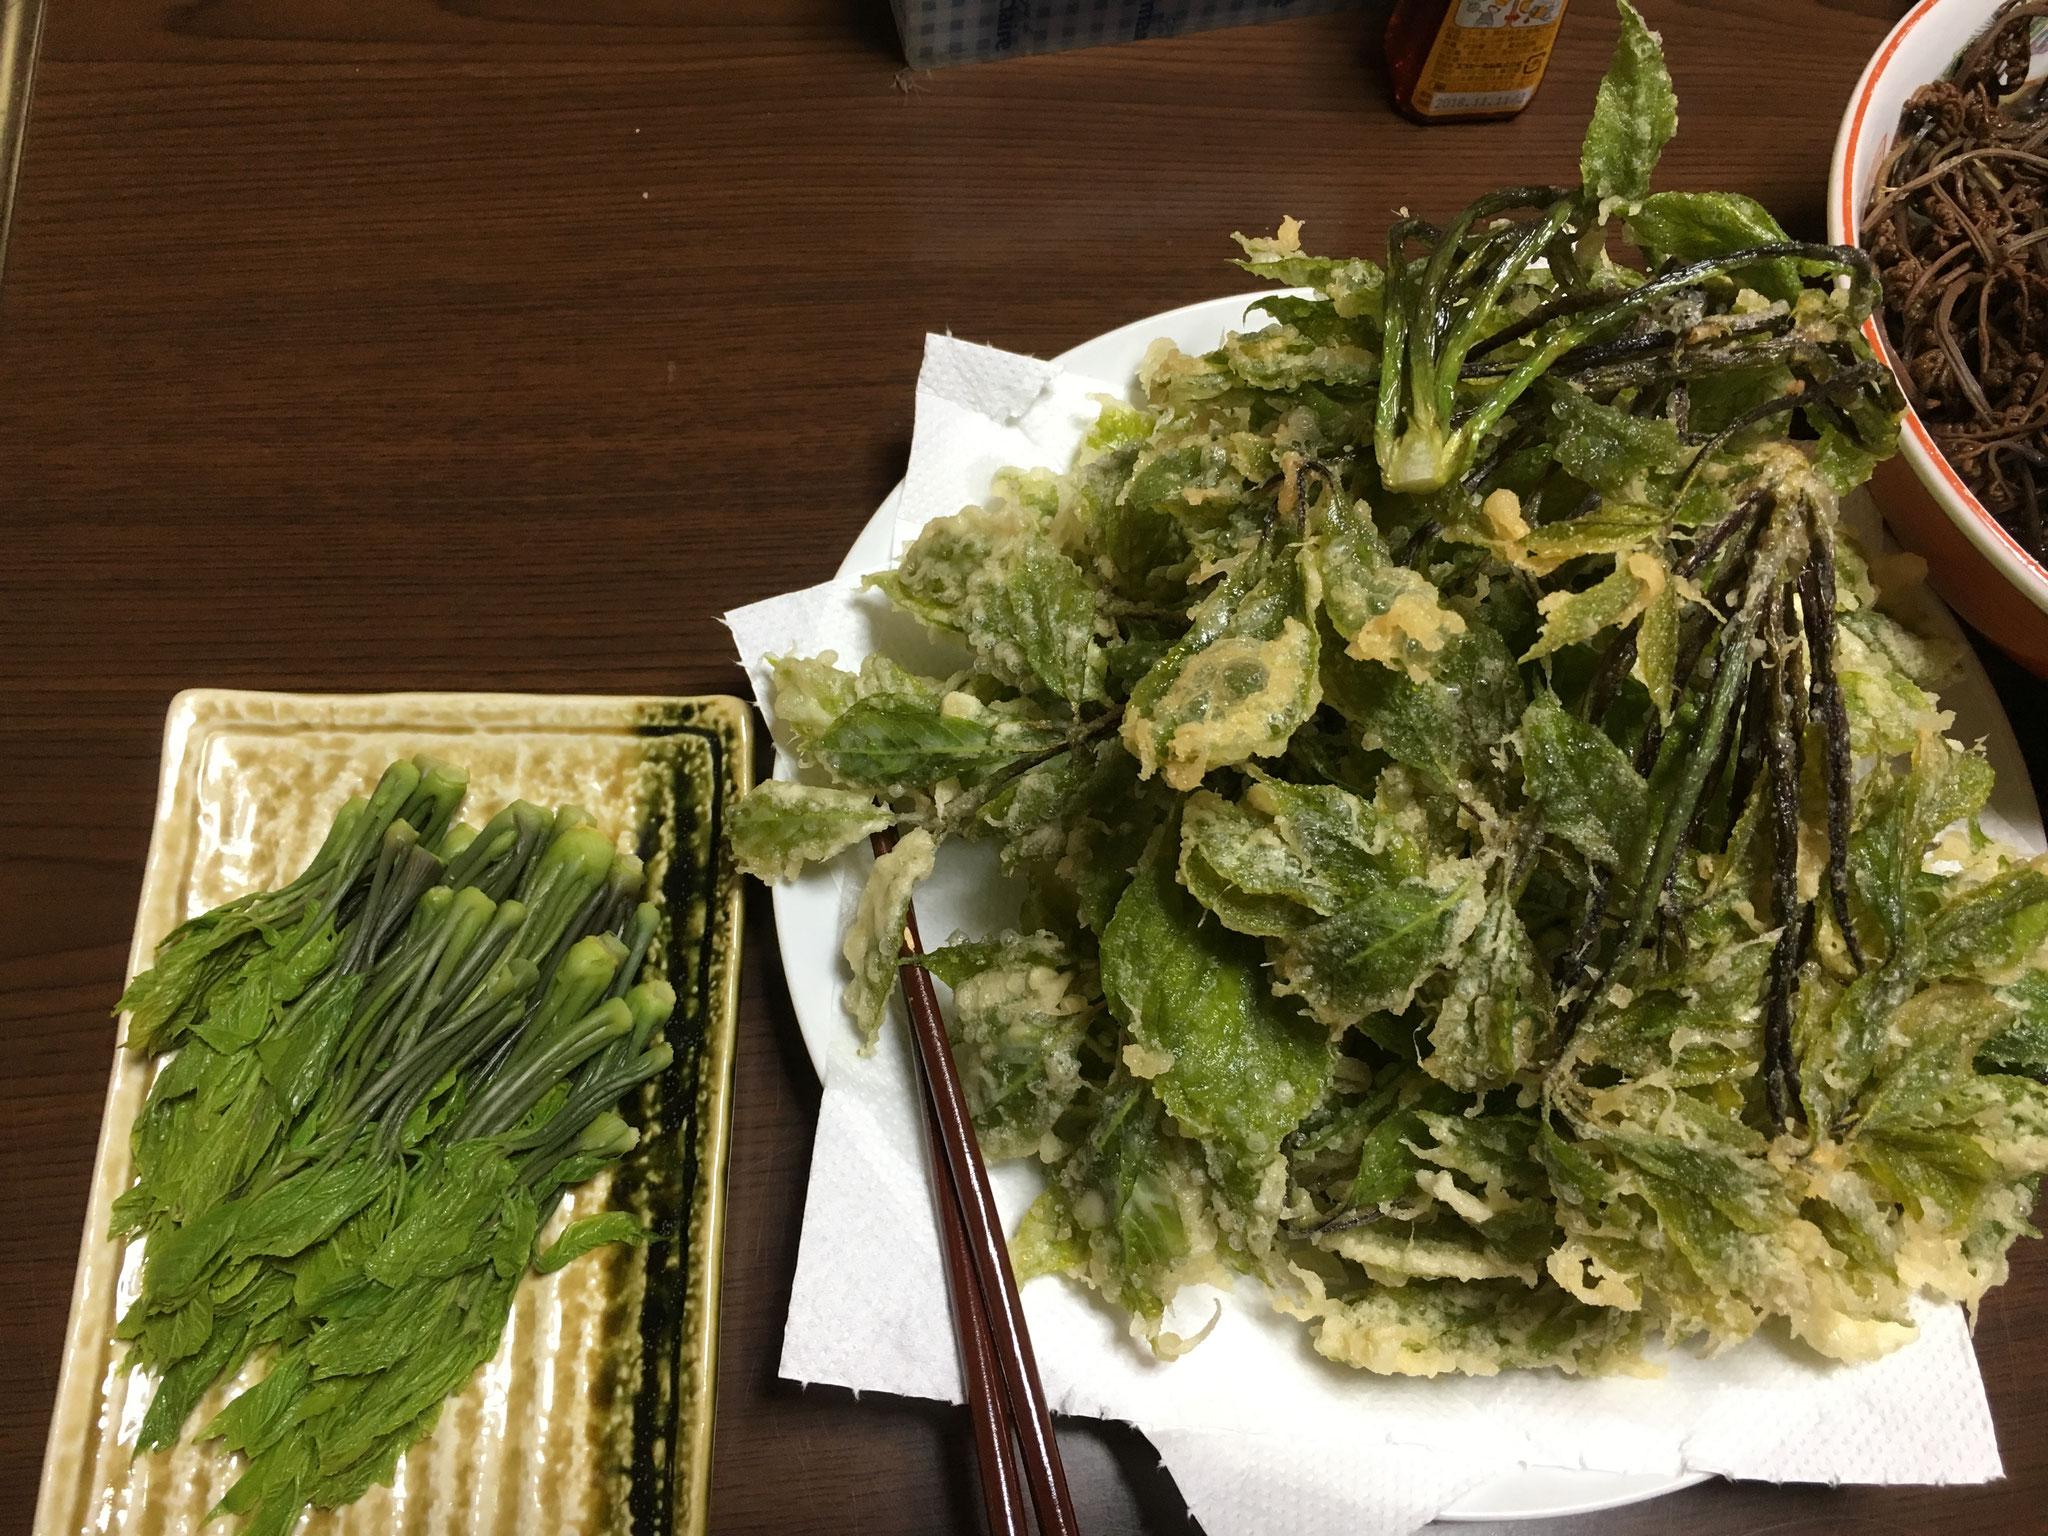 コシアブラのお浸しと、コシアブラの天ぷら